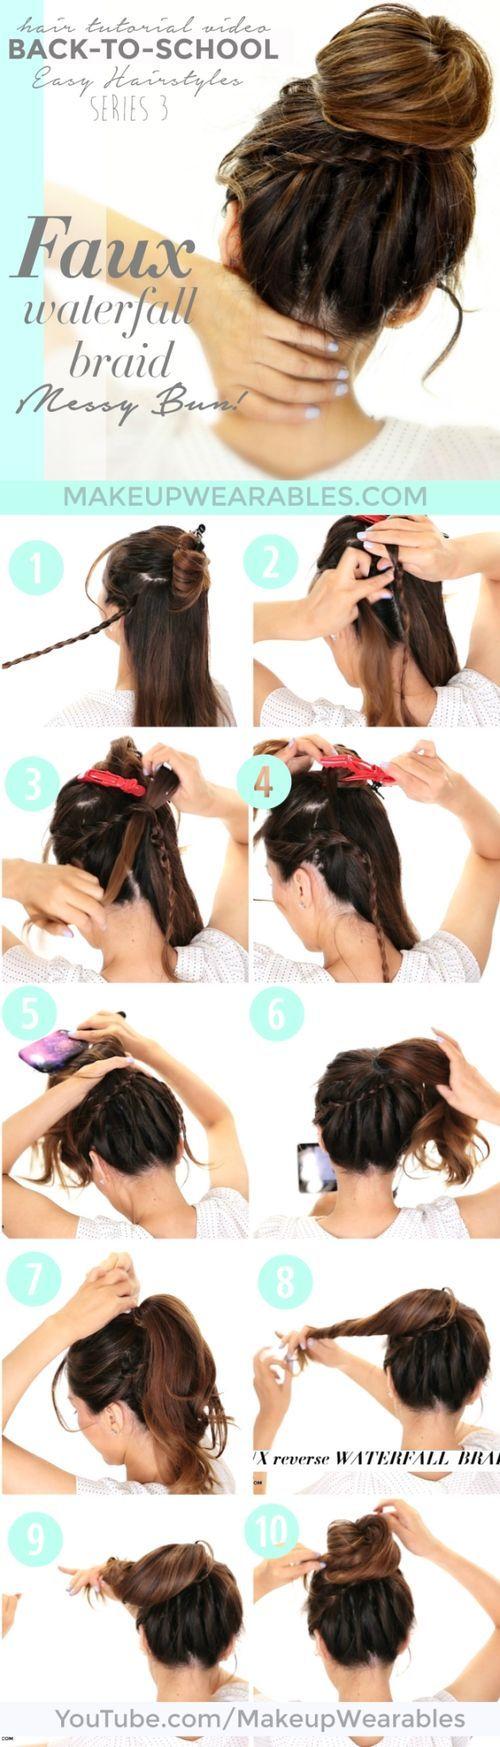 Easy Hair Style Tutorials